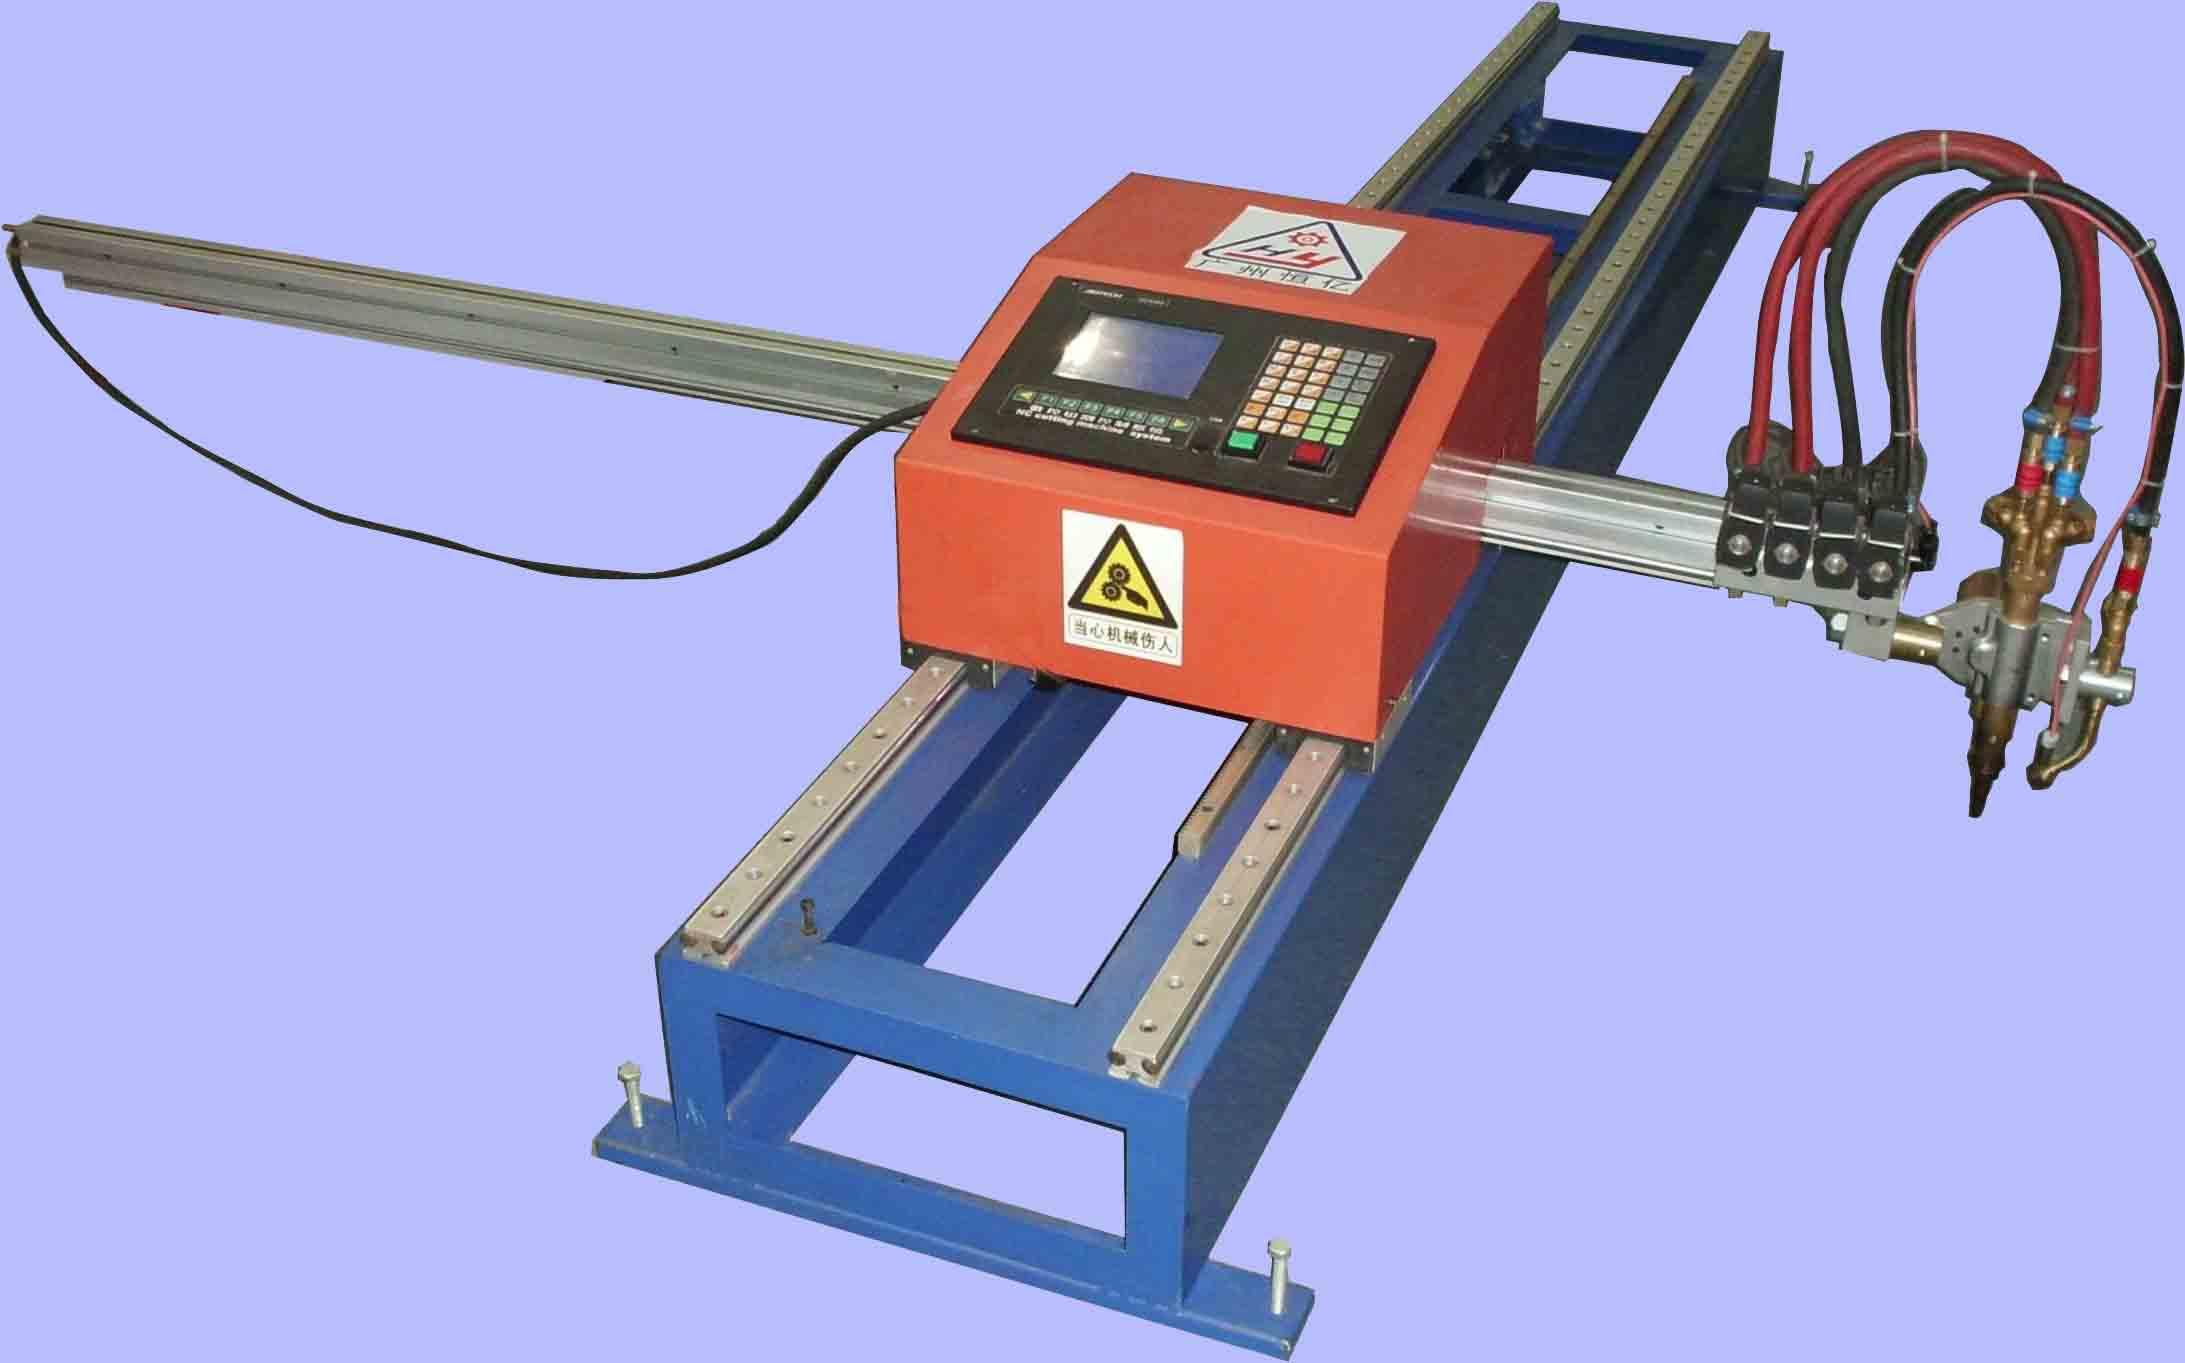 供应便携式数控火焰切割机 广州恒亿机械制造厂商